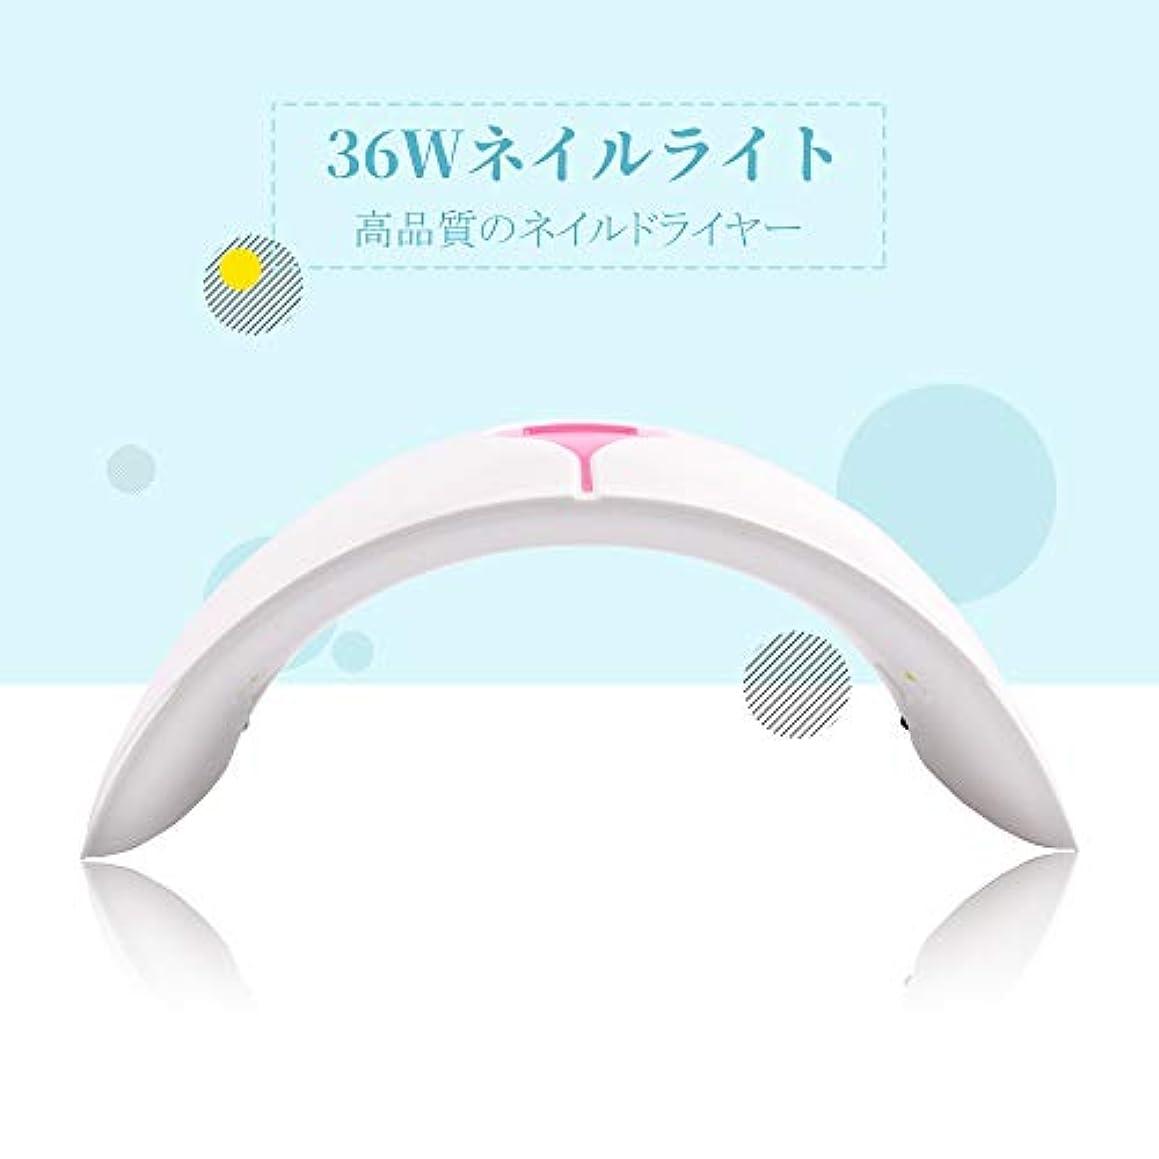 ふりをする電圧買うPHOENIXY 36Wネイルライト 人感センサー LED/UVライト 15pcs UVライト 硬化用ネイルランプ すべてのゲルに対応 プラグ付き ネイルドライヤー ネイルアート用品